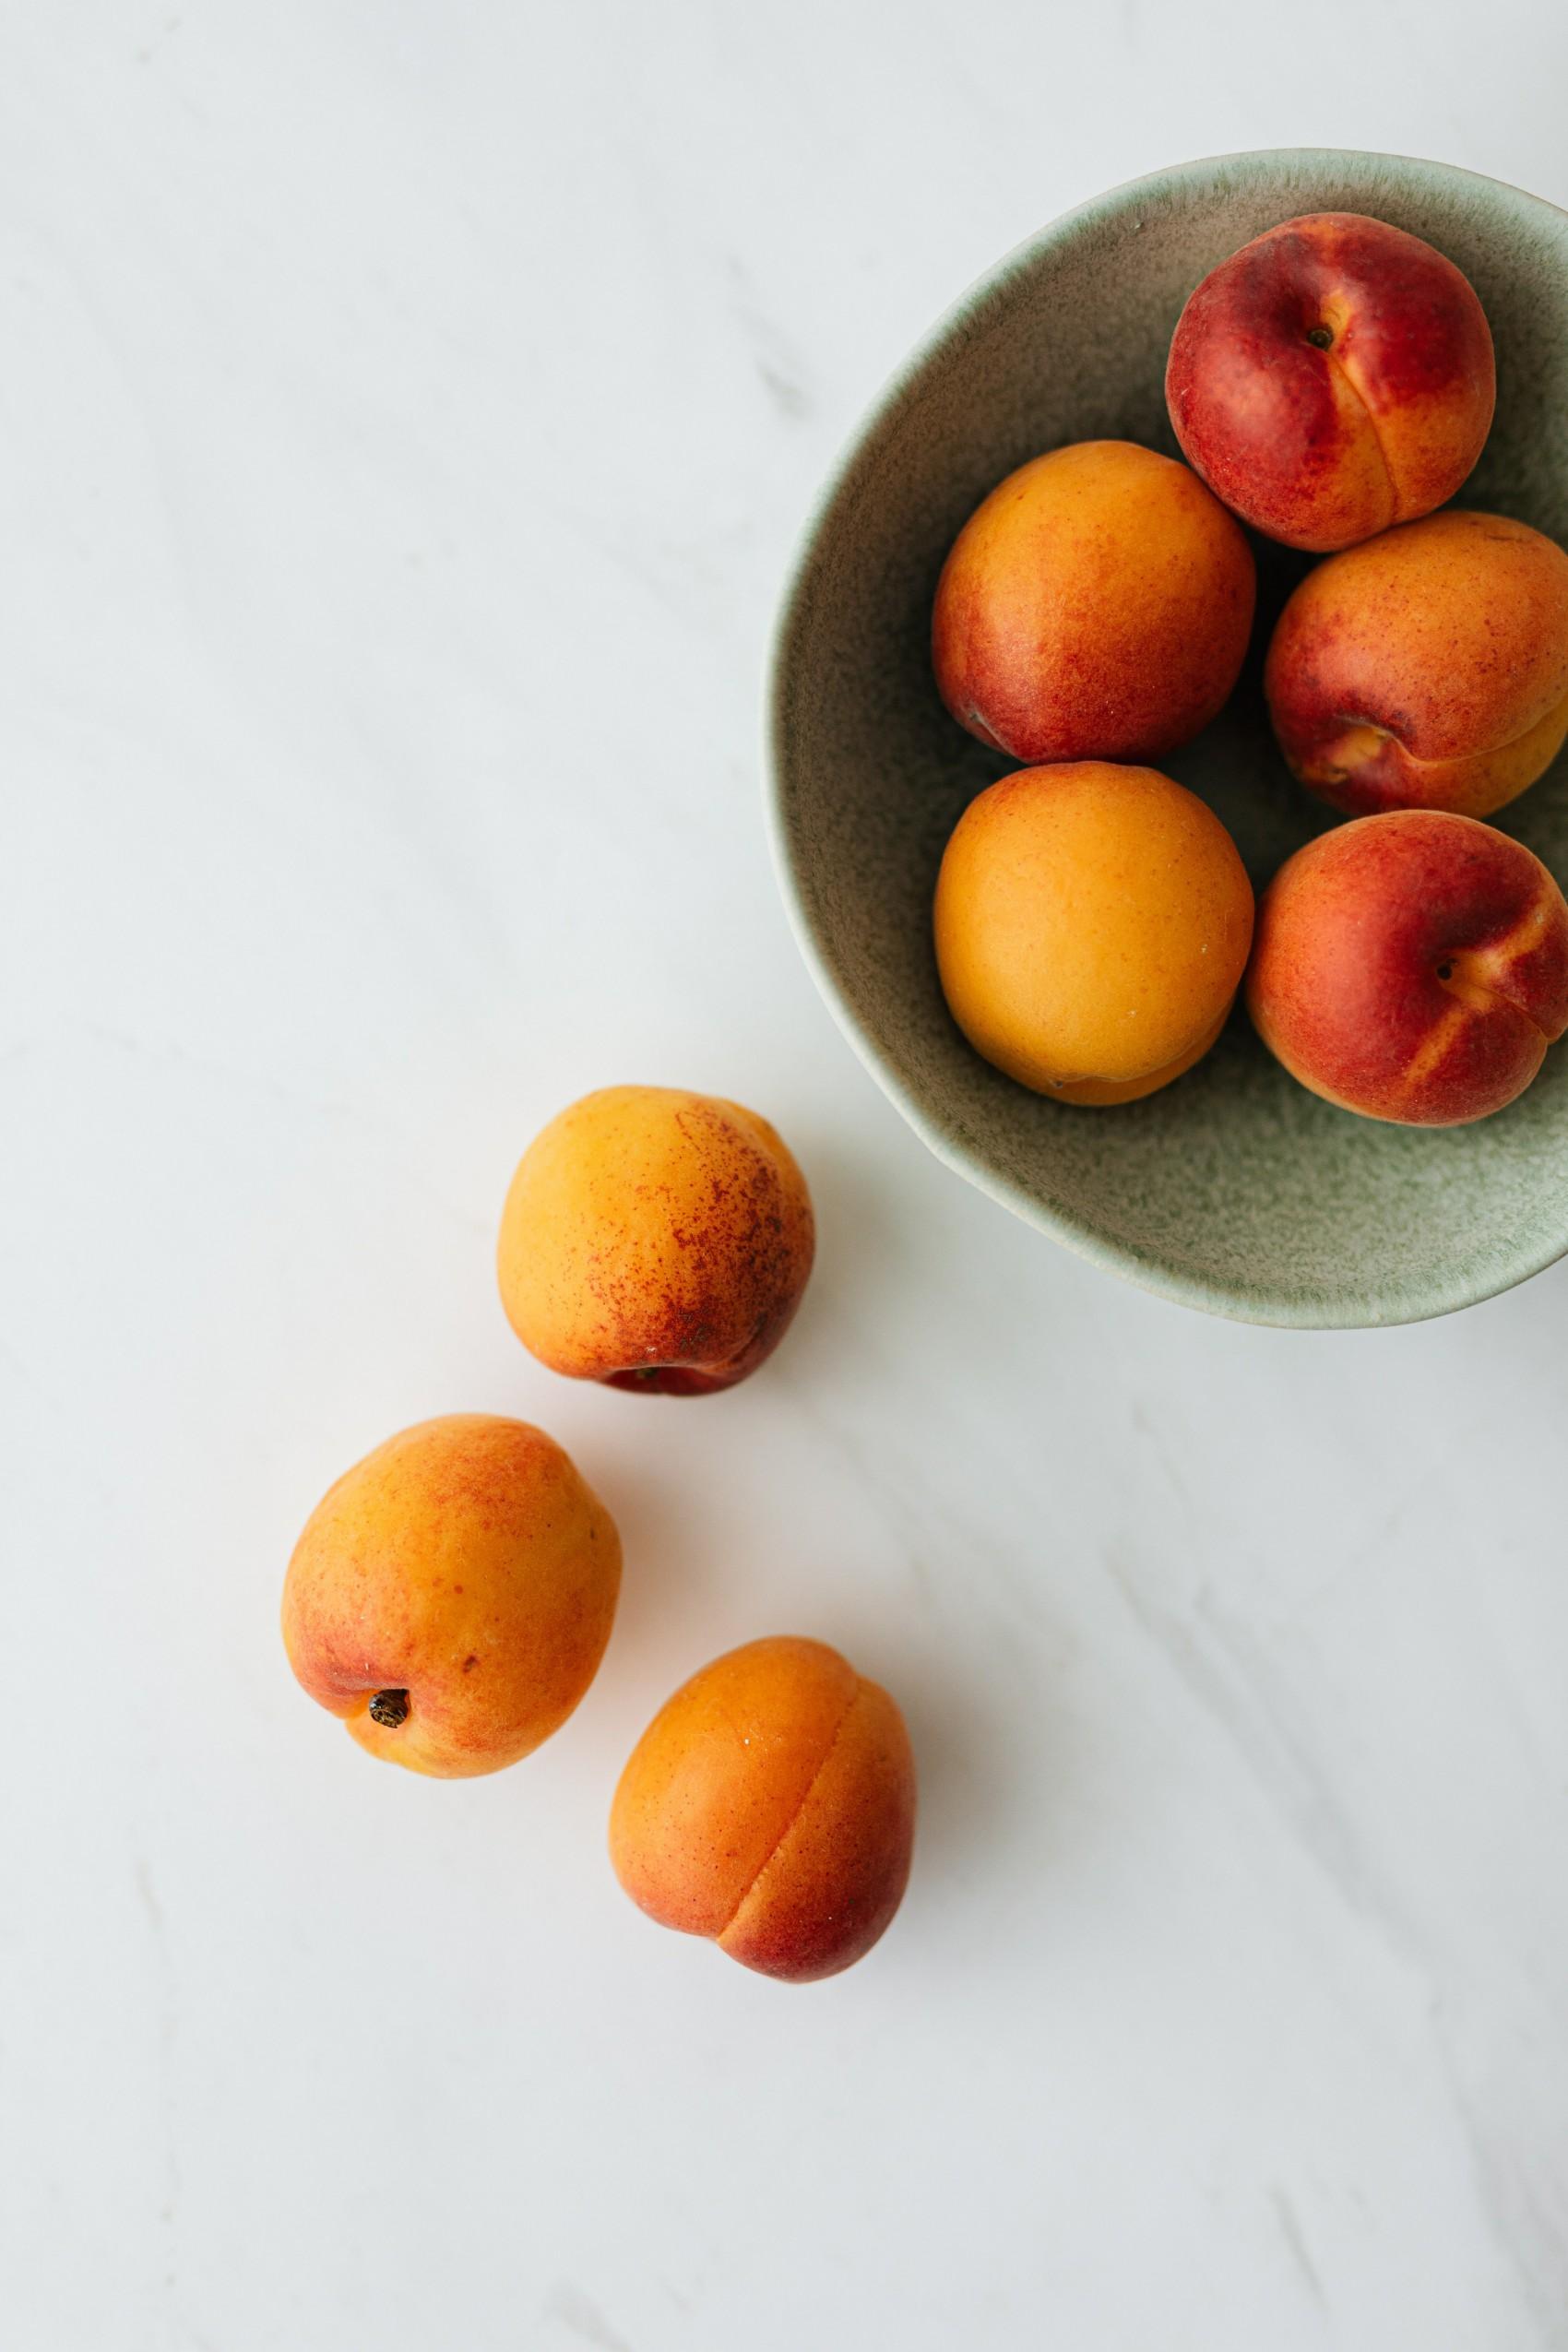 تعرف على الفوائد الصحية لعصير الخوخ الطبيعي